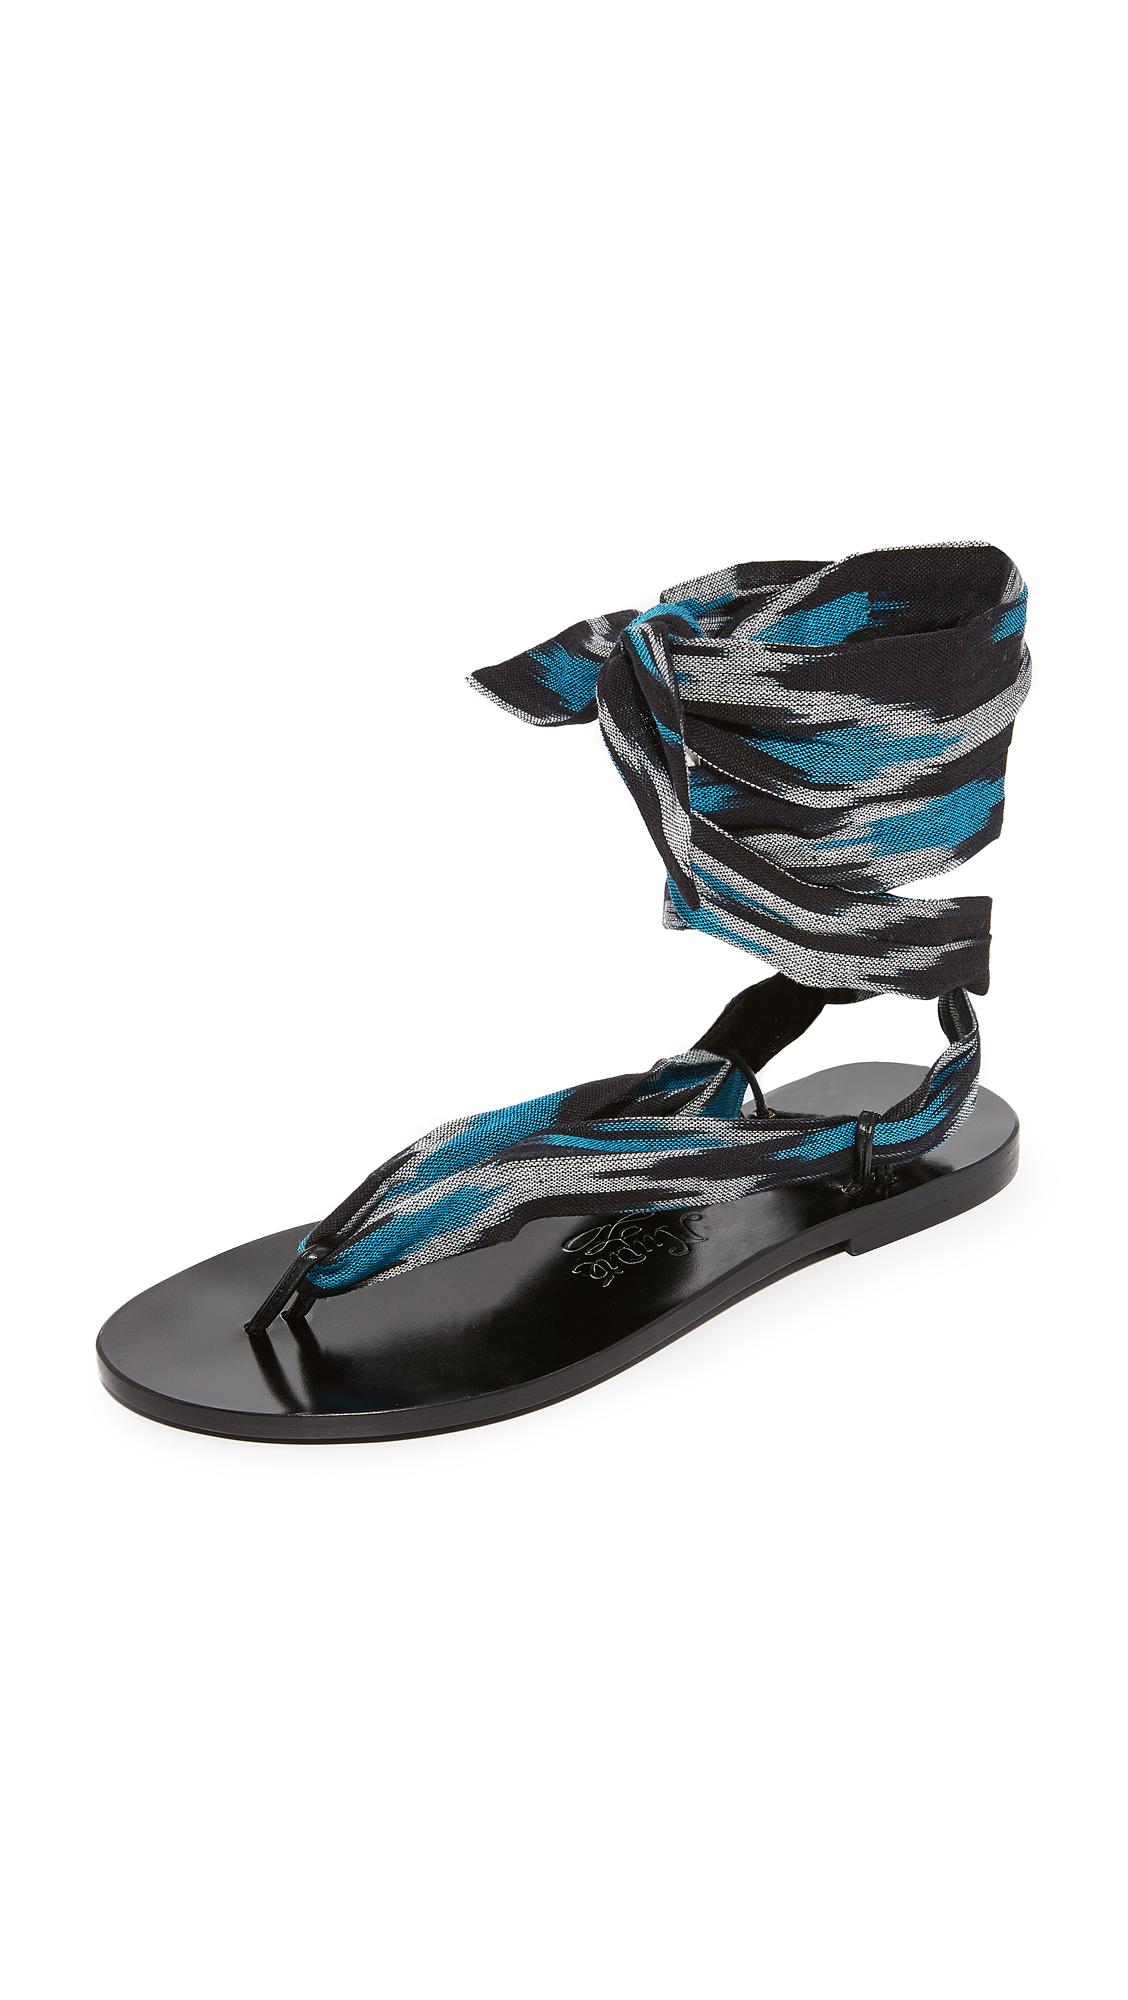 Nupie Nupie Wrap Sandals - Ikat Black/Black